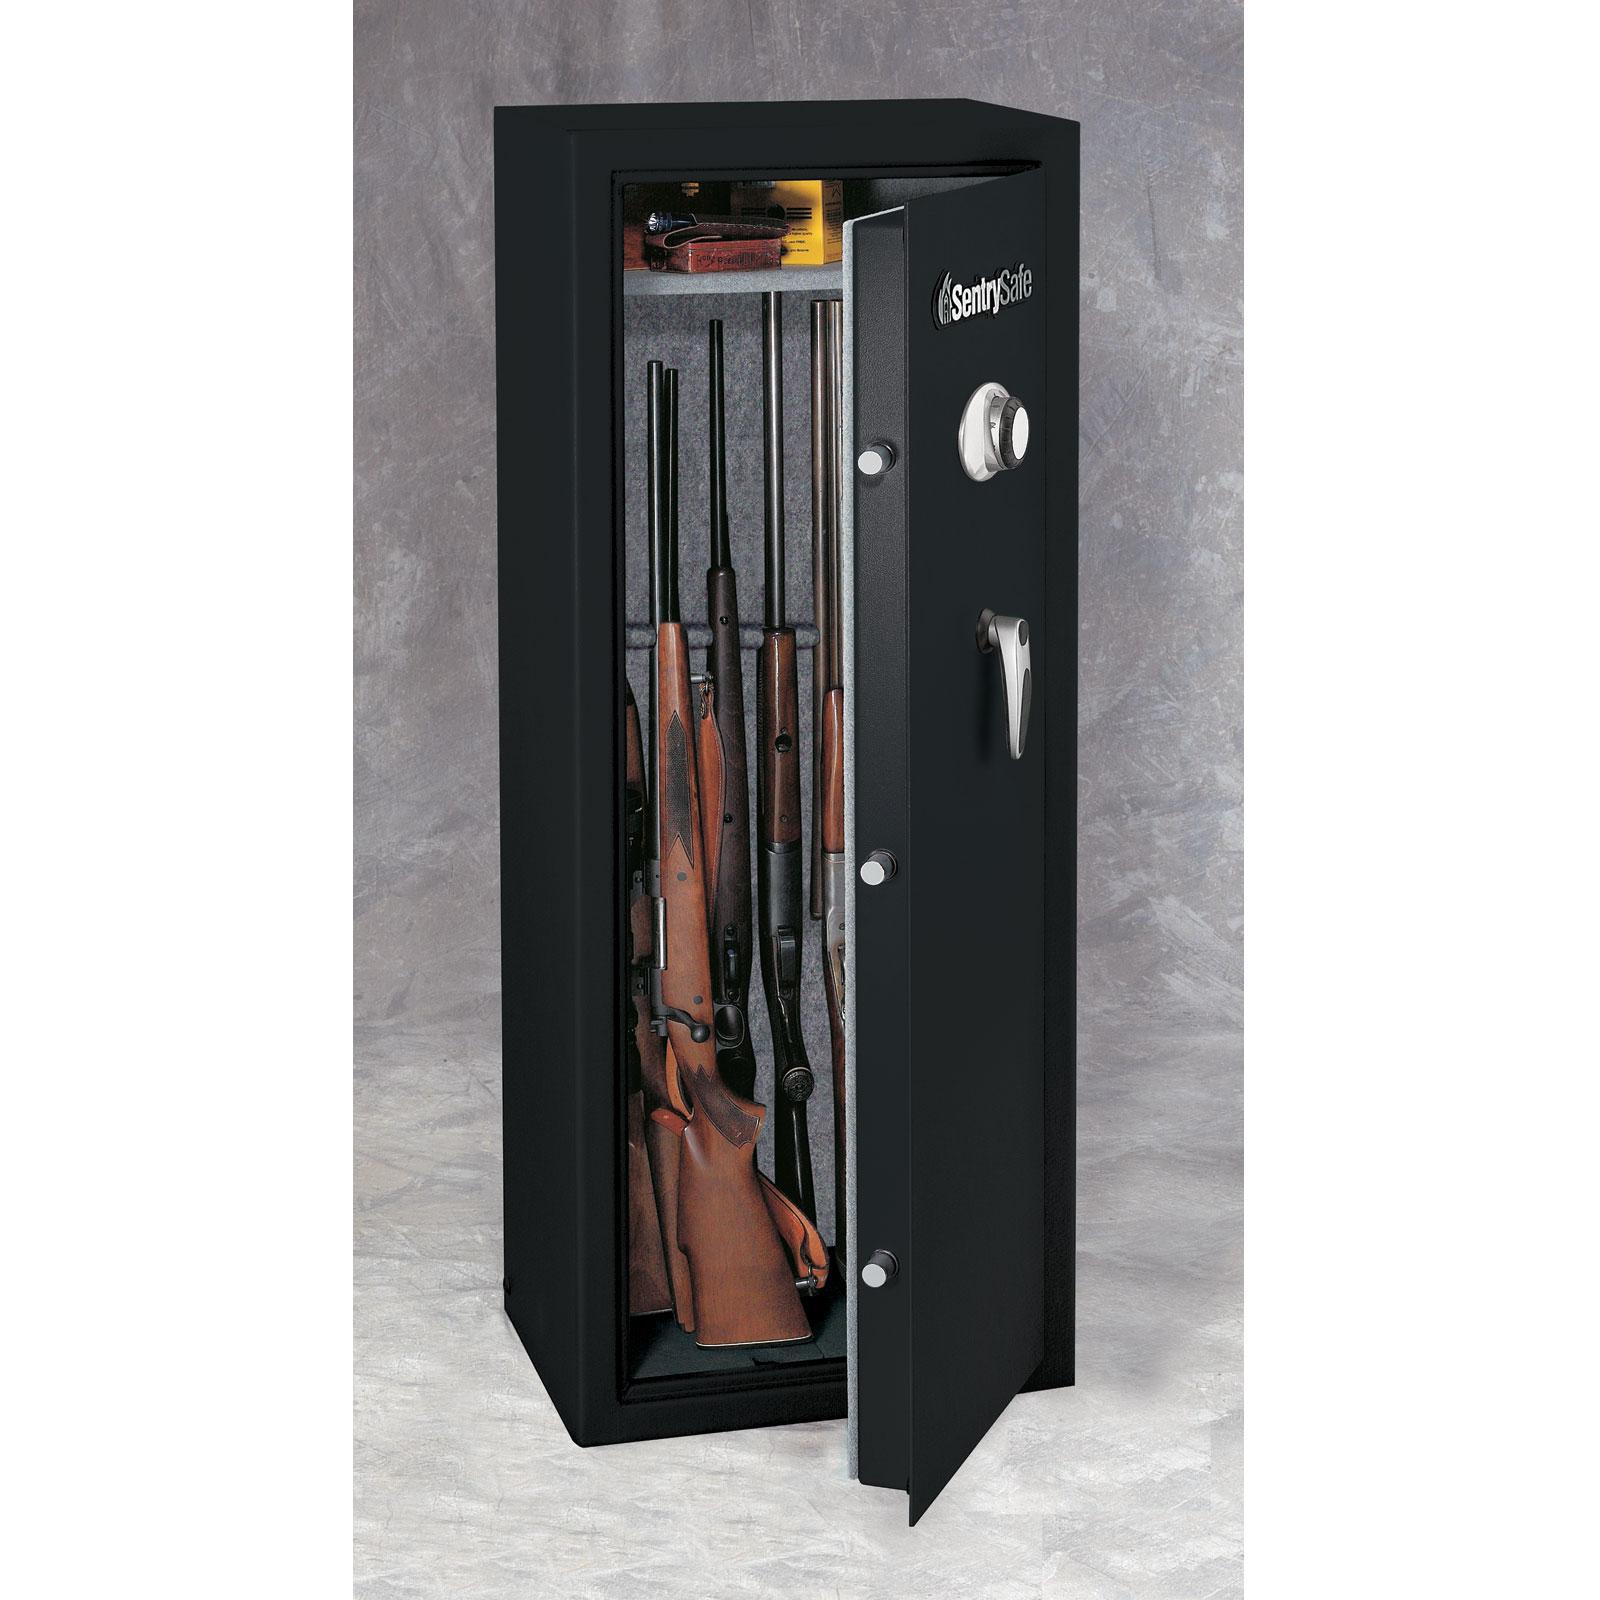 Sentry G1455C Gun Safe with Combination Lock - 14-Gun